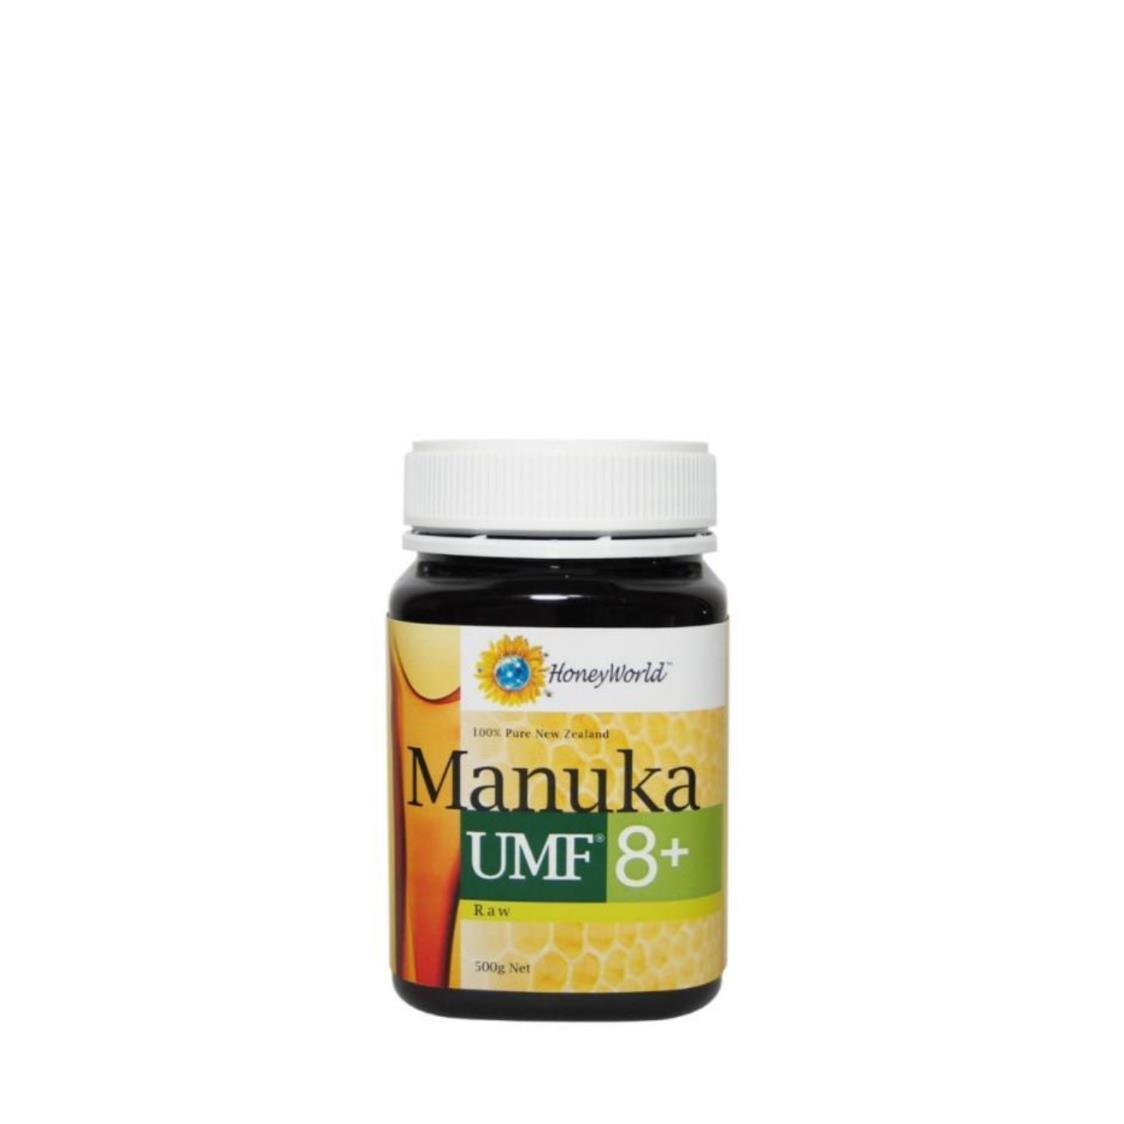 HoneyWorld Raw Manuka Umf 8 500g